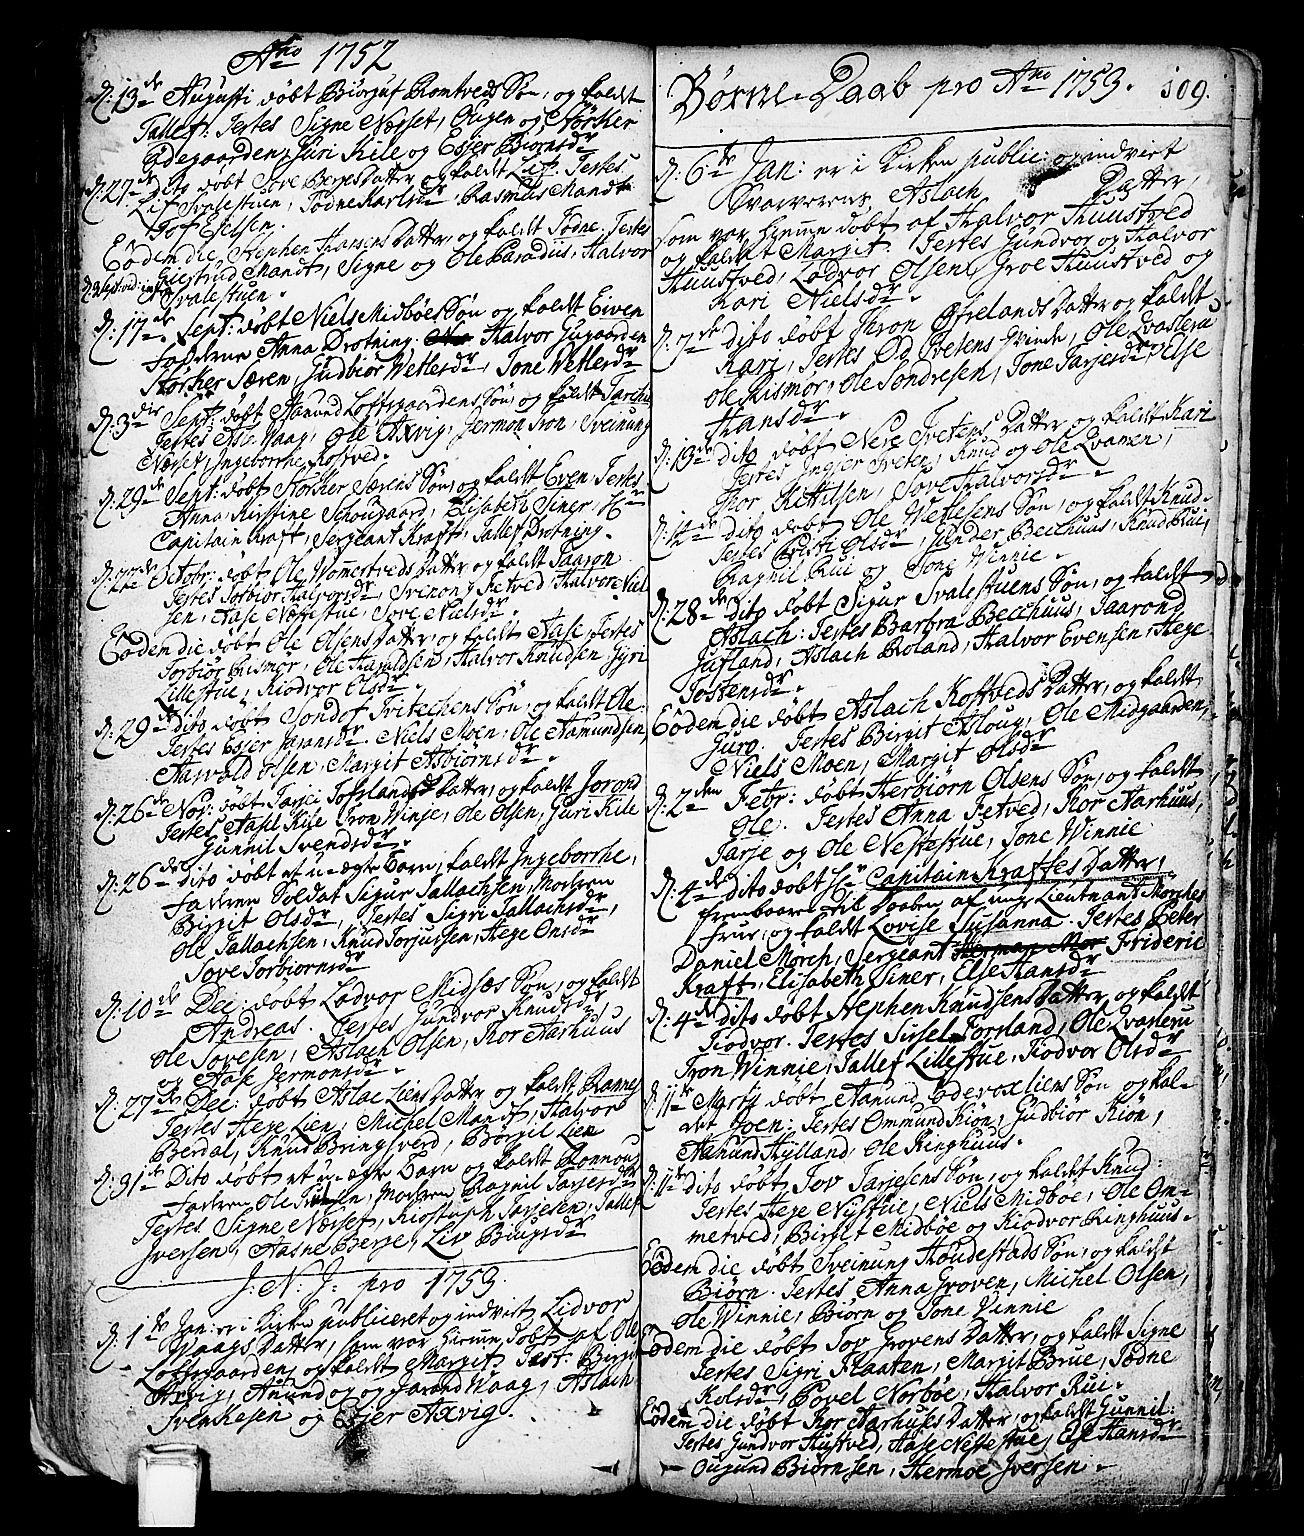 SAKO, Vinje kirkebøker, F/Fa/L0001: Ministerialbok nr. I 1, 1717-1766, s. 109